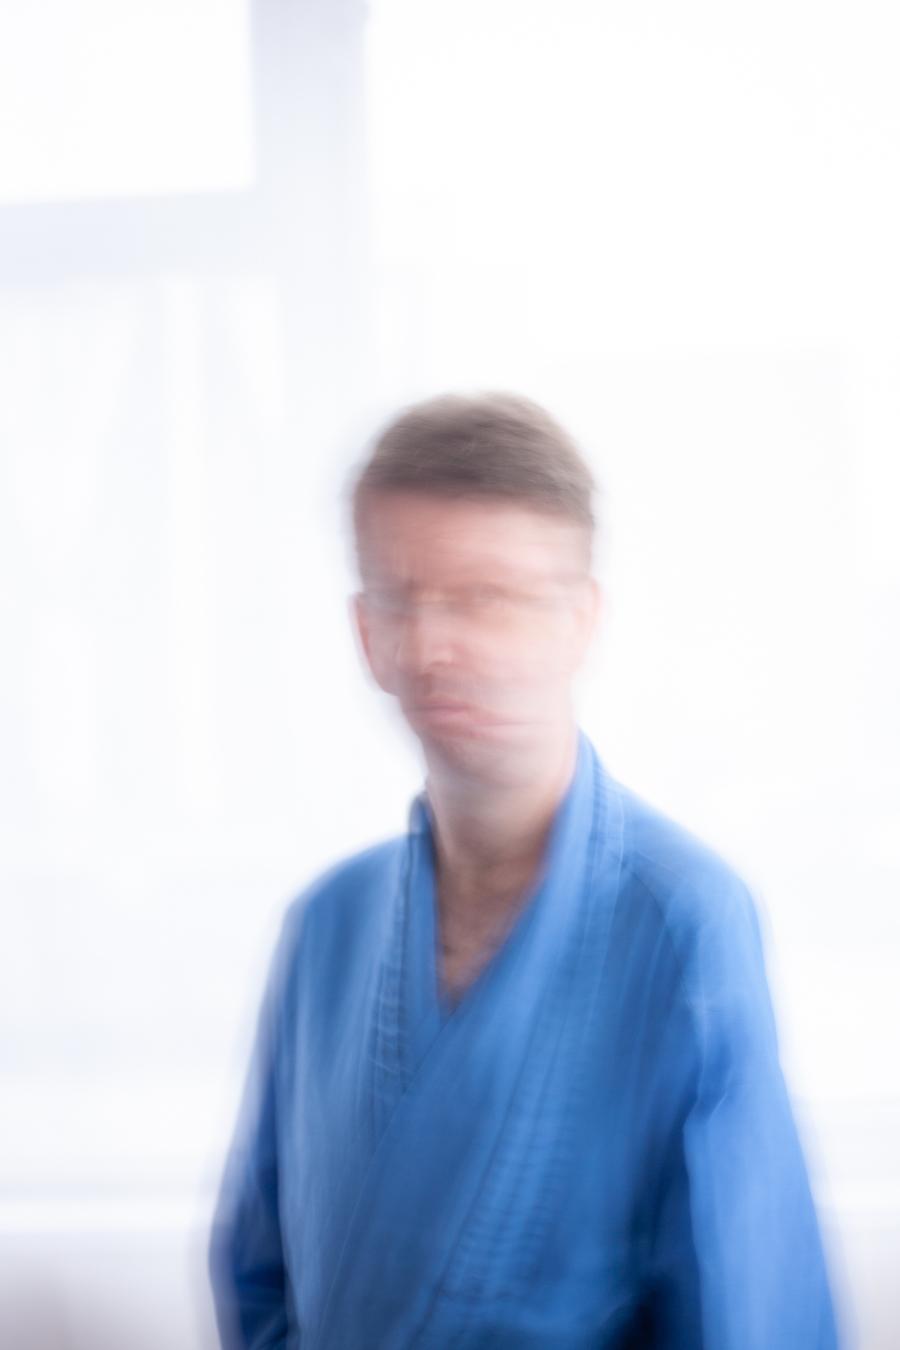 Blur 1 / Model Ben.M / Uploaded 11th October 2021 @ 09:44 AM